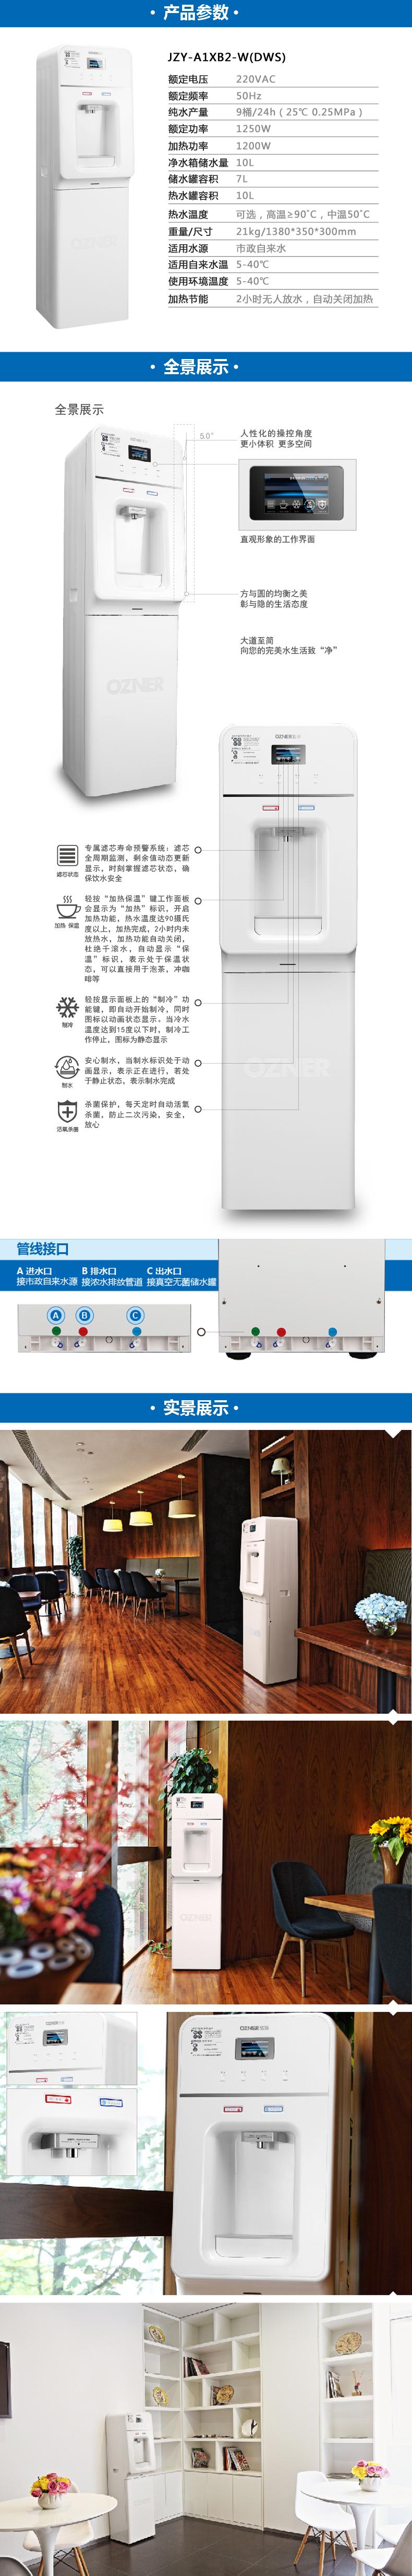 3浩泽 商用 立式 2G 网络大热胆型 水机 JZY-A1XB2-W(DWS)-03.jpg